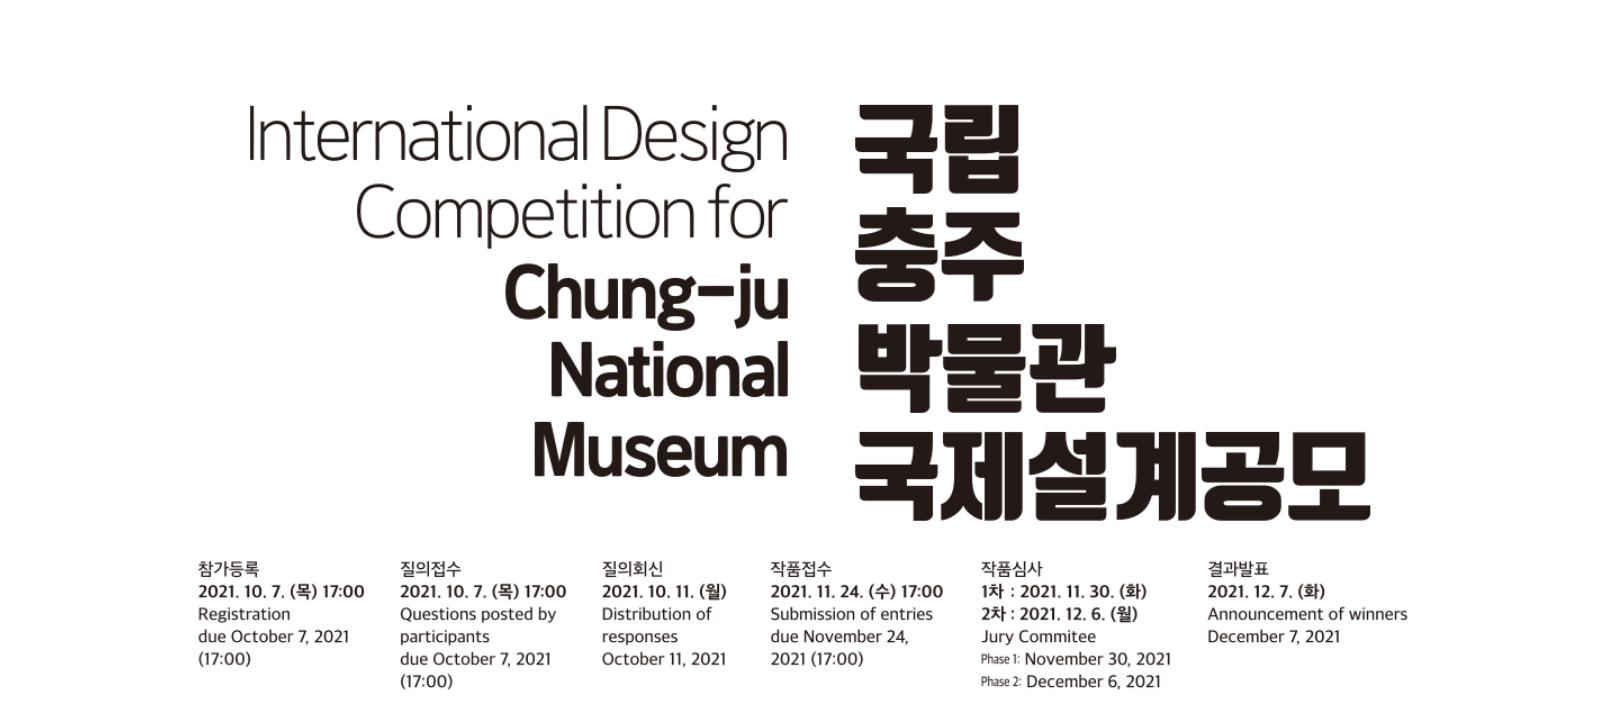 韩国国立忠州博物馆国际设计竞赛